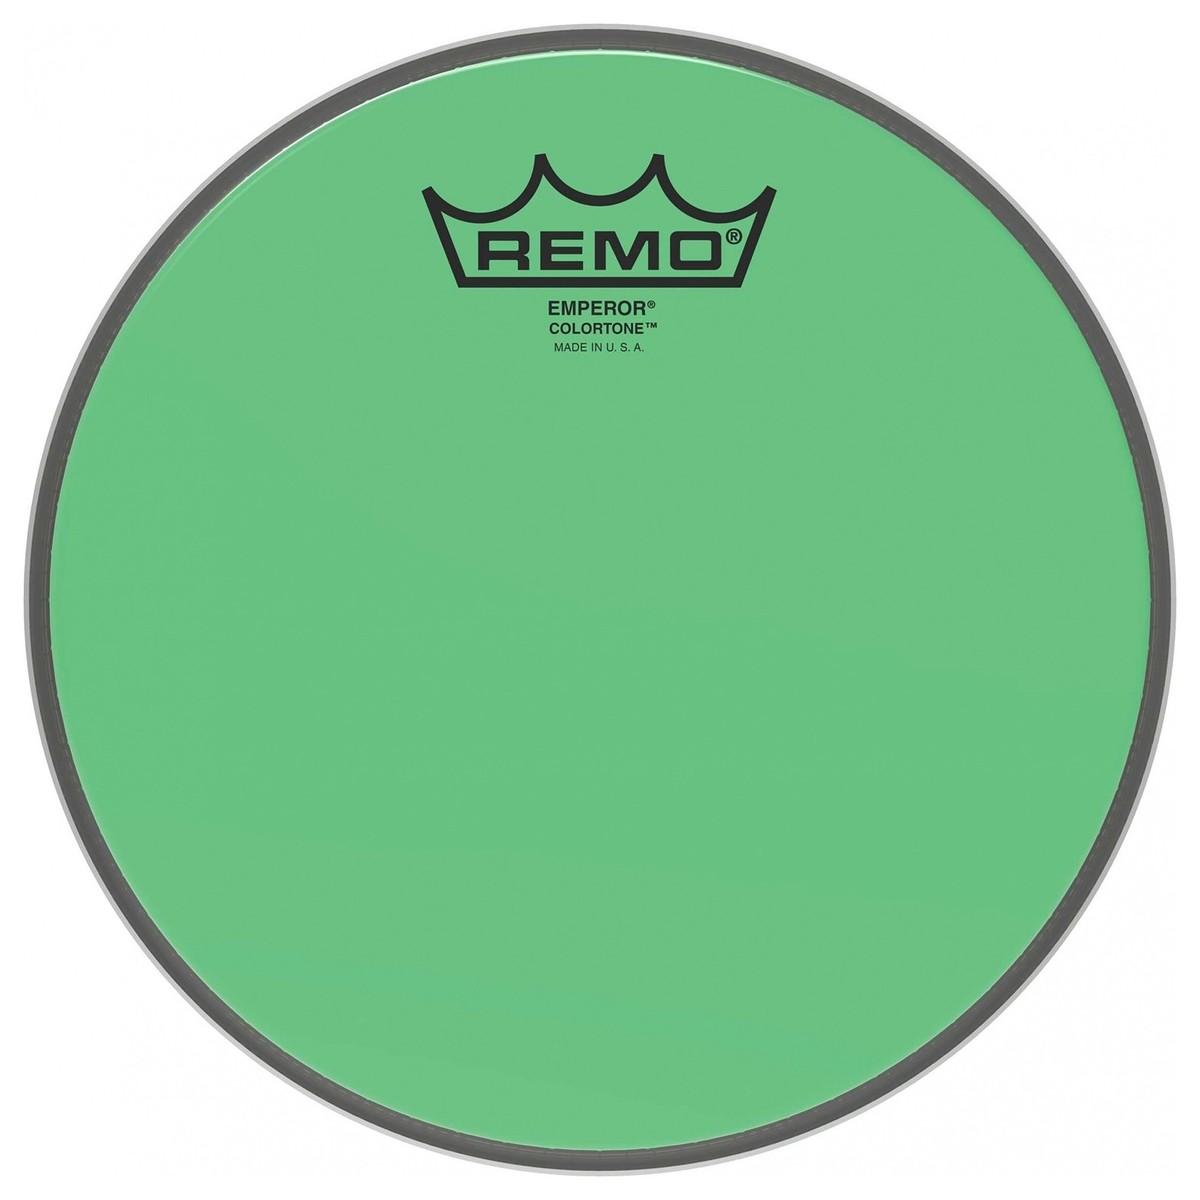 Remo Emperor Colortone Green 16 Drum Head